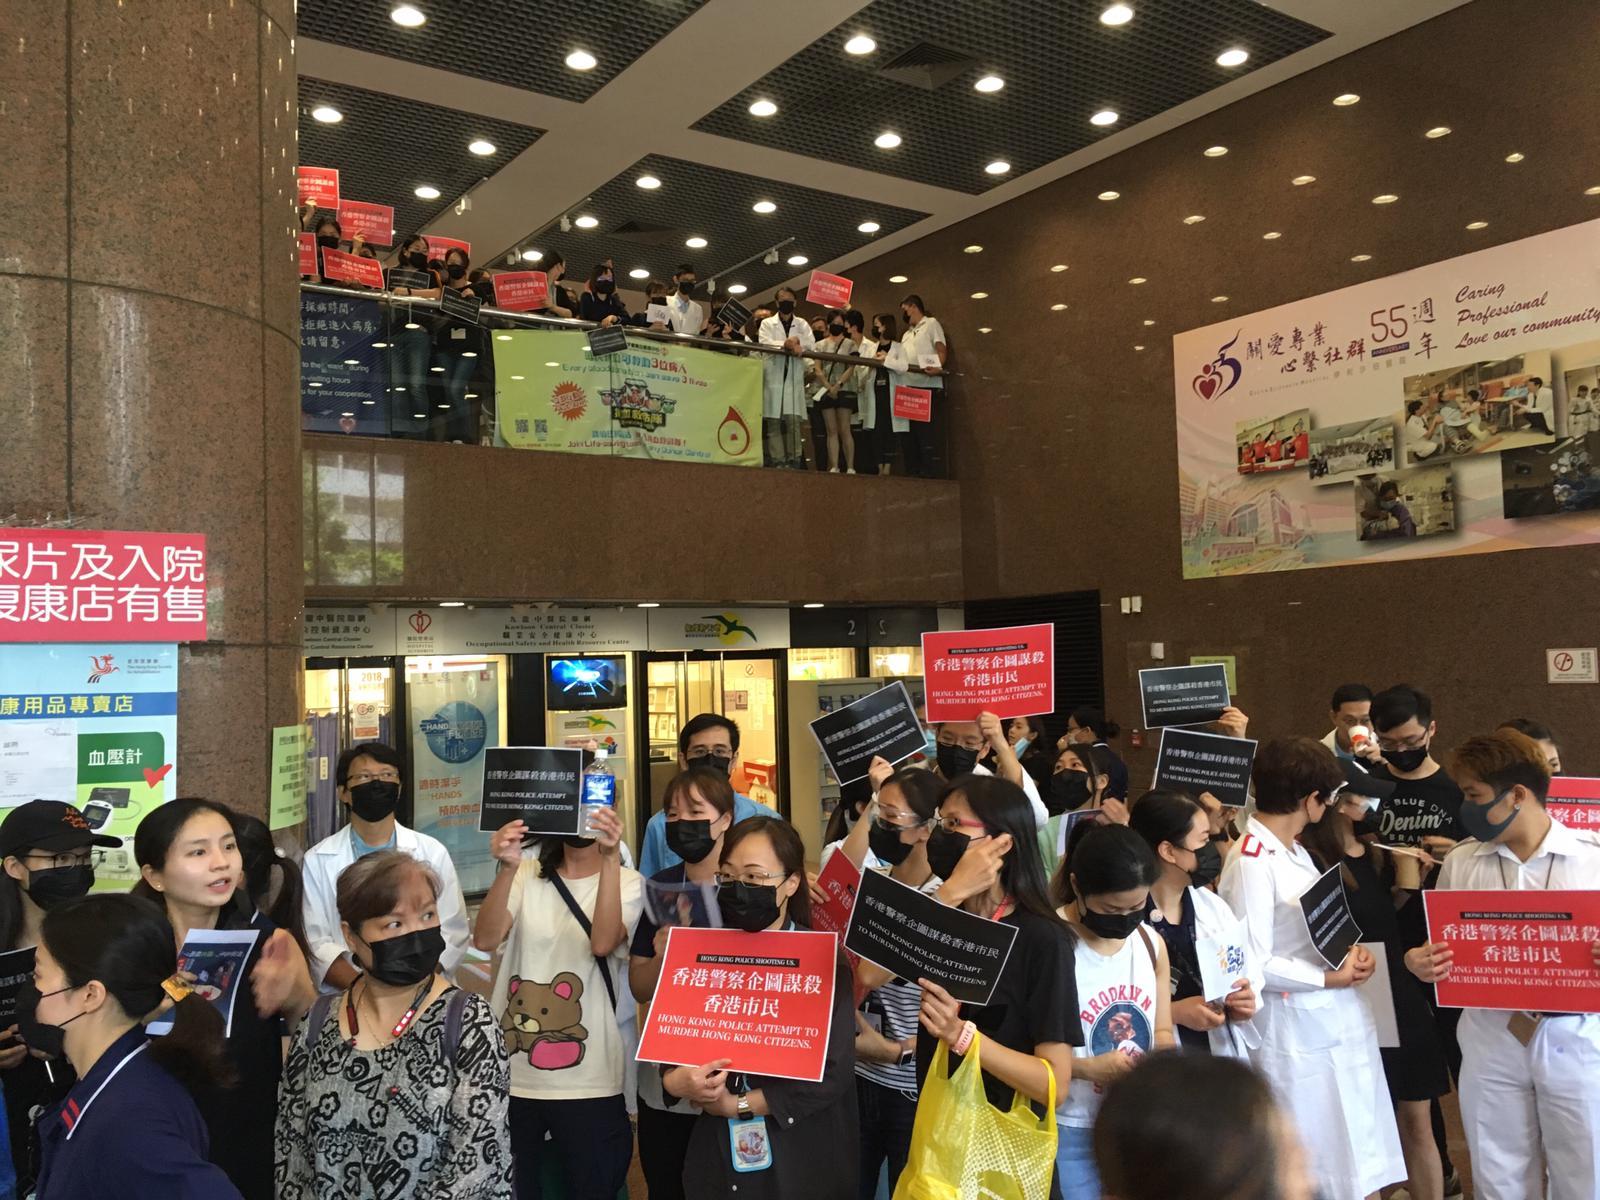 他們手持「香港警察企圖謀殺香港市民」標語。